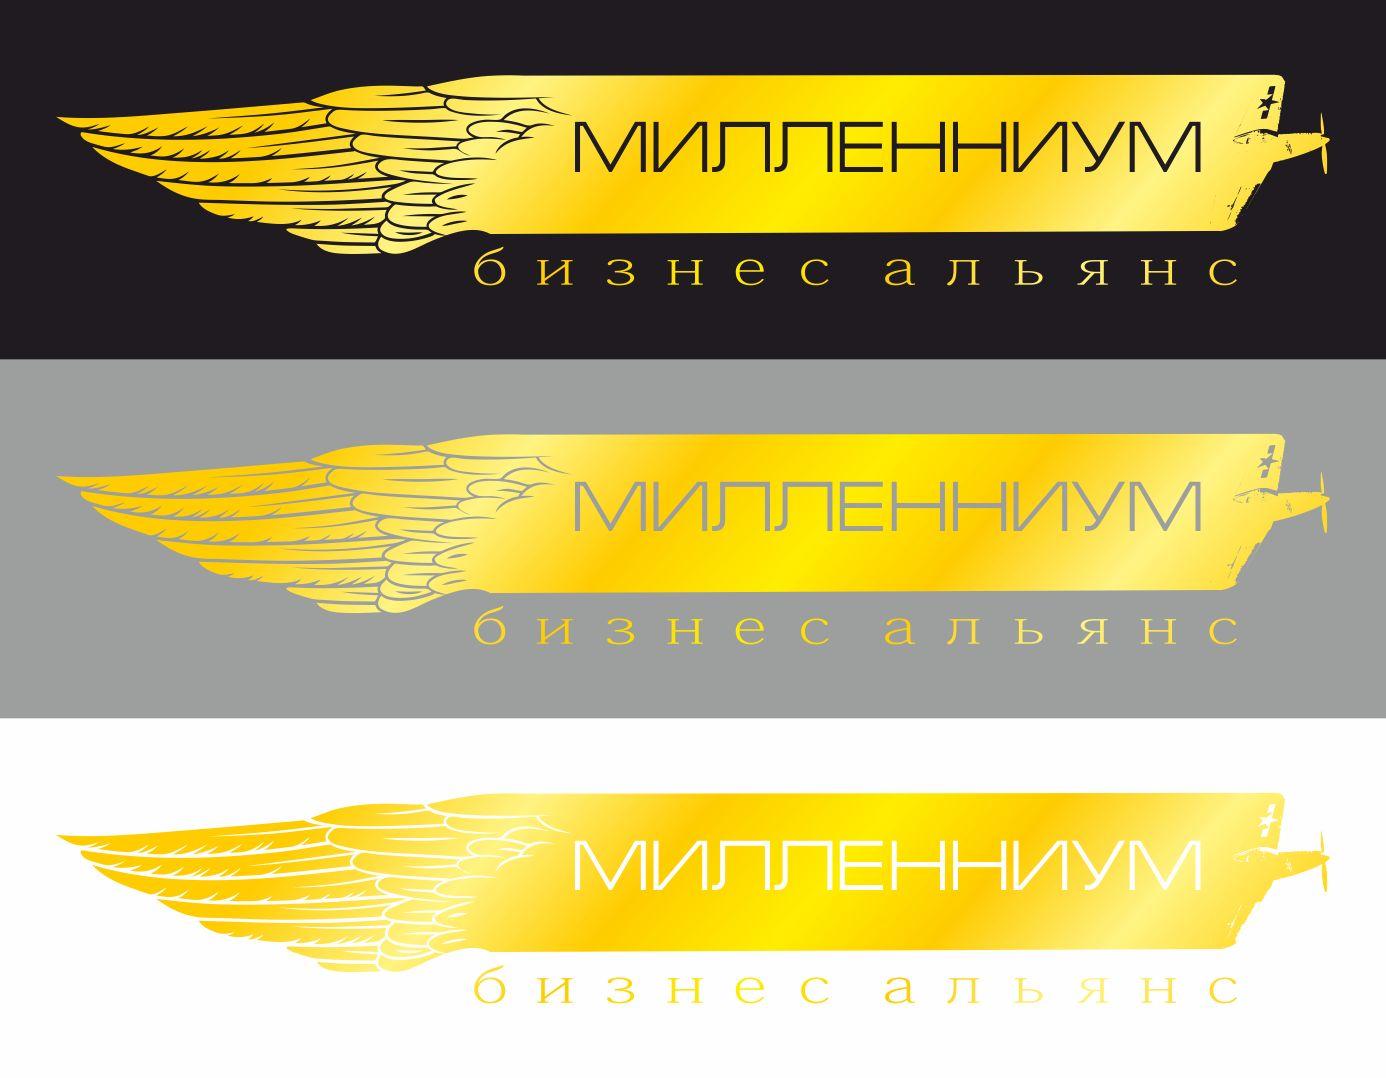 Бизнес Альянс Милленниум - дизайнер Paar